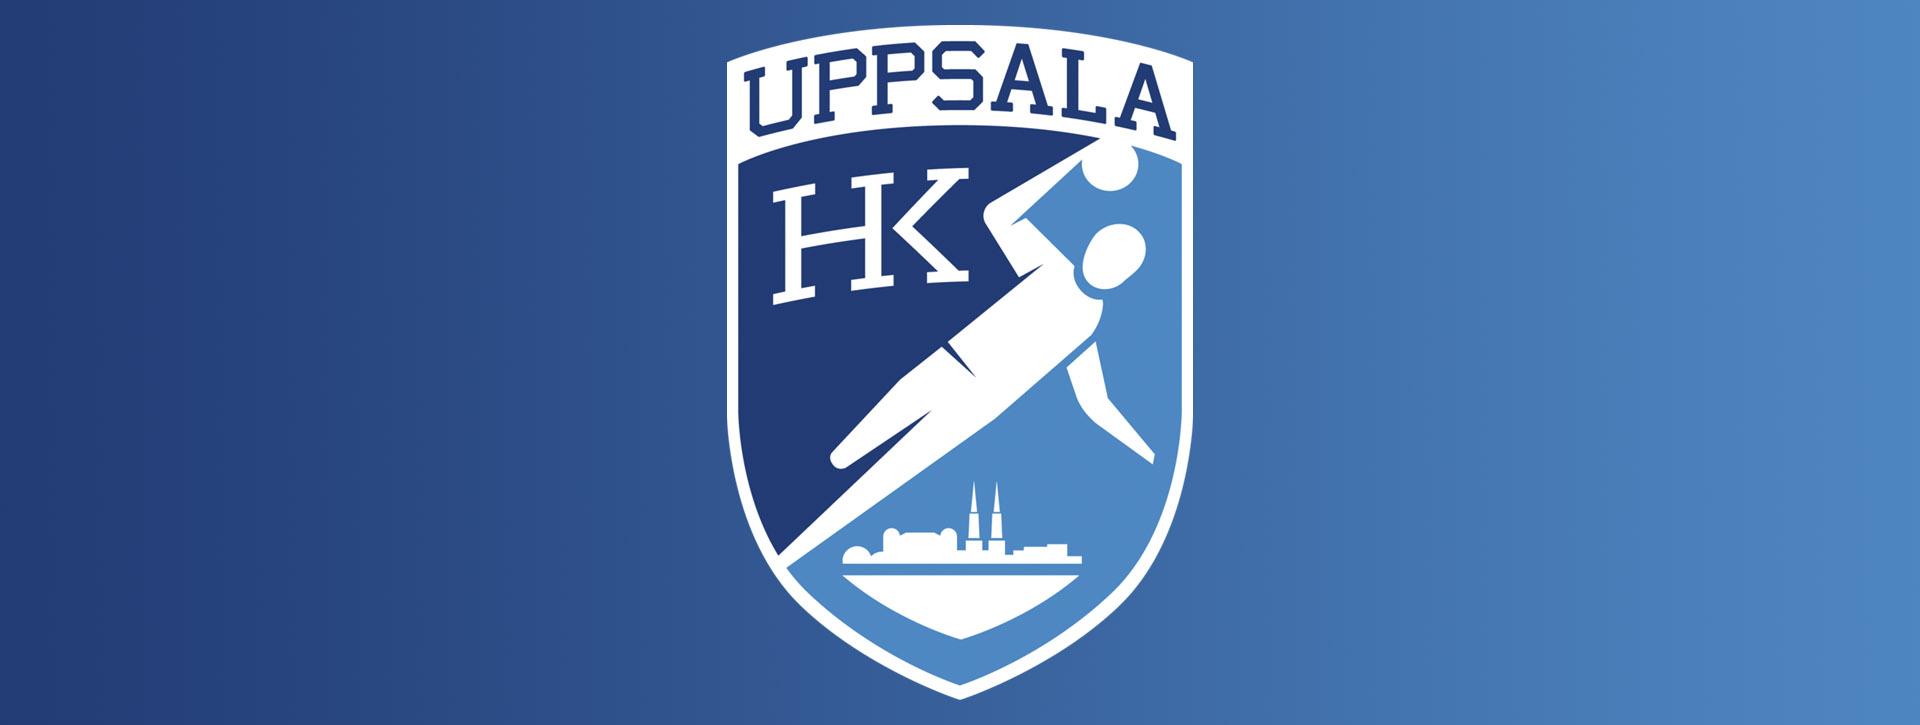 Uppsala Handbollsklubb